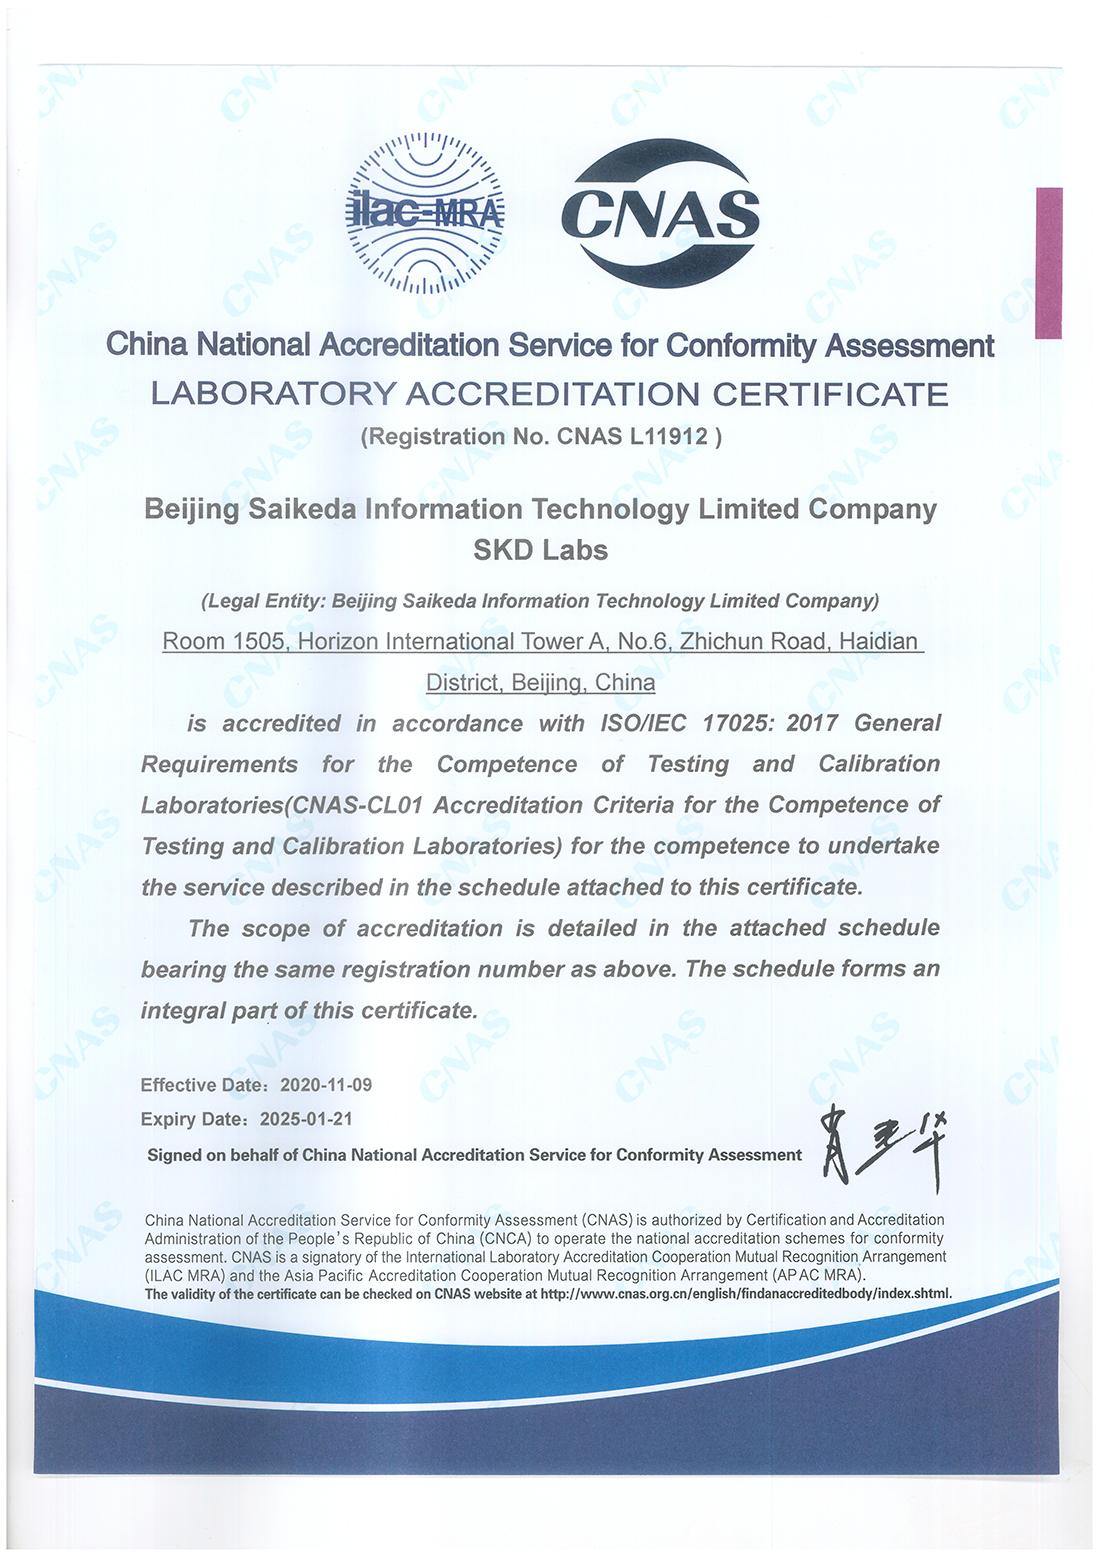 赛可达实验室顺利通过2020年度CNAS定期监督评审